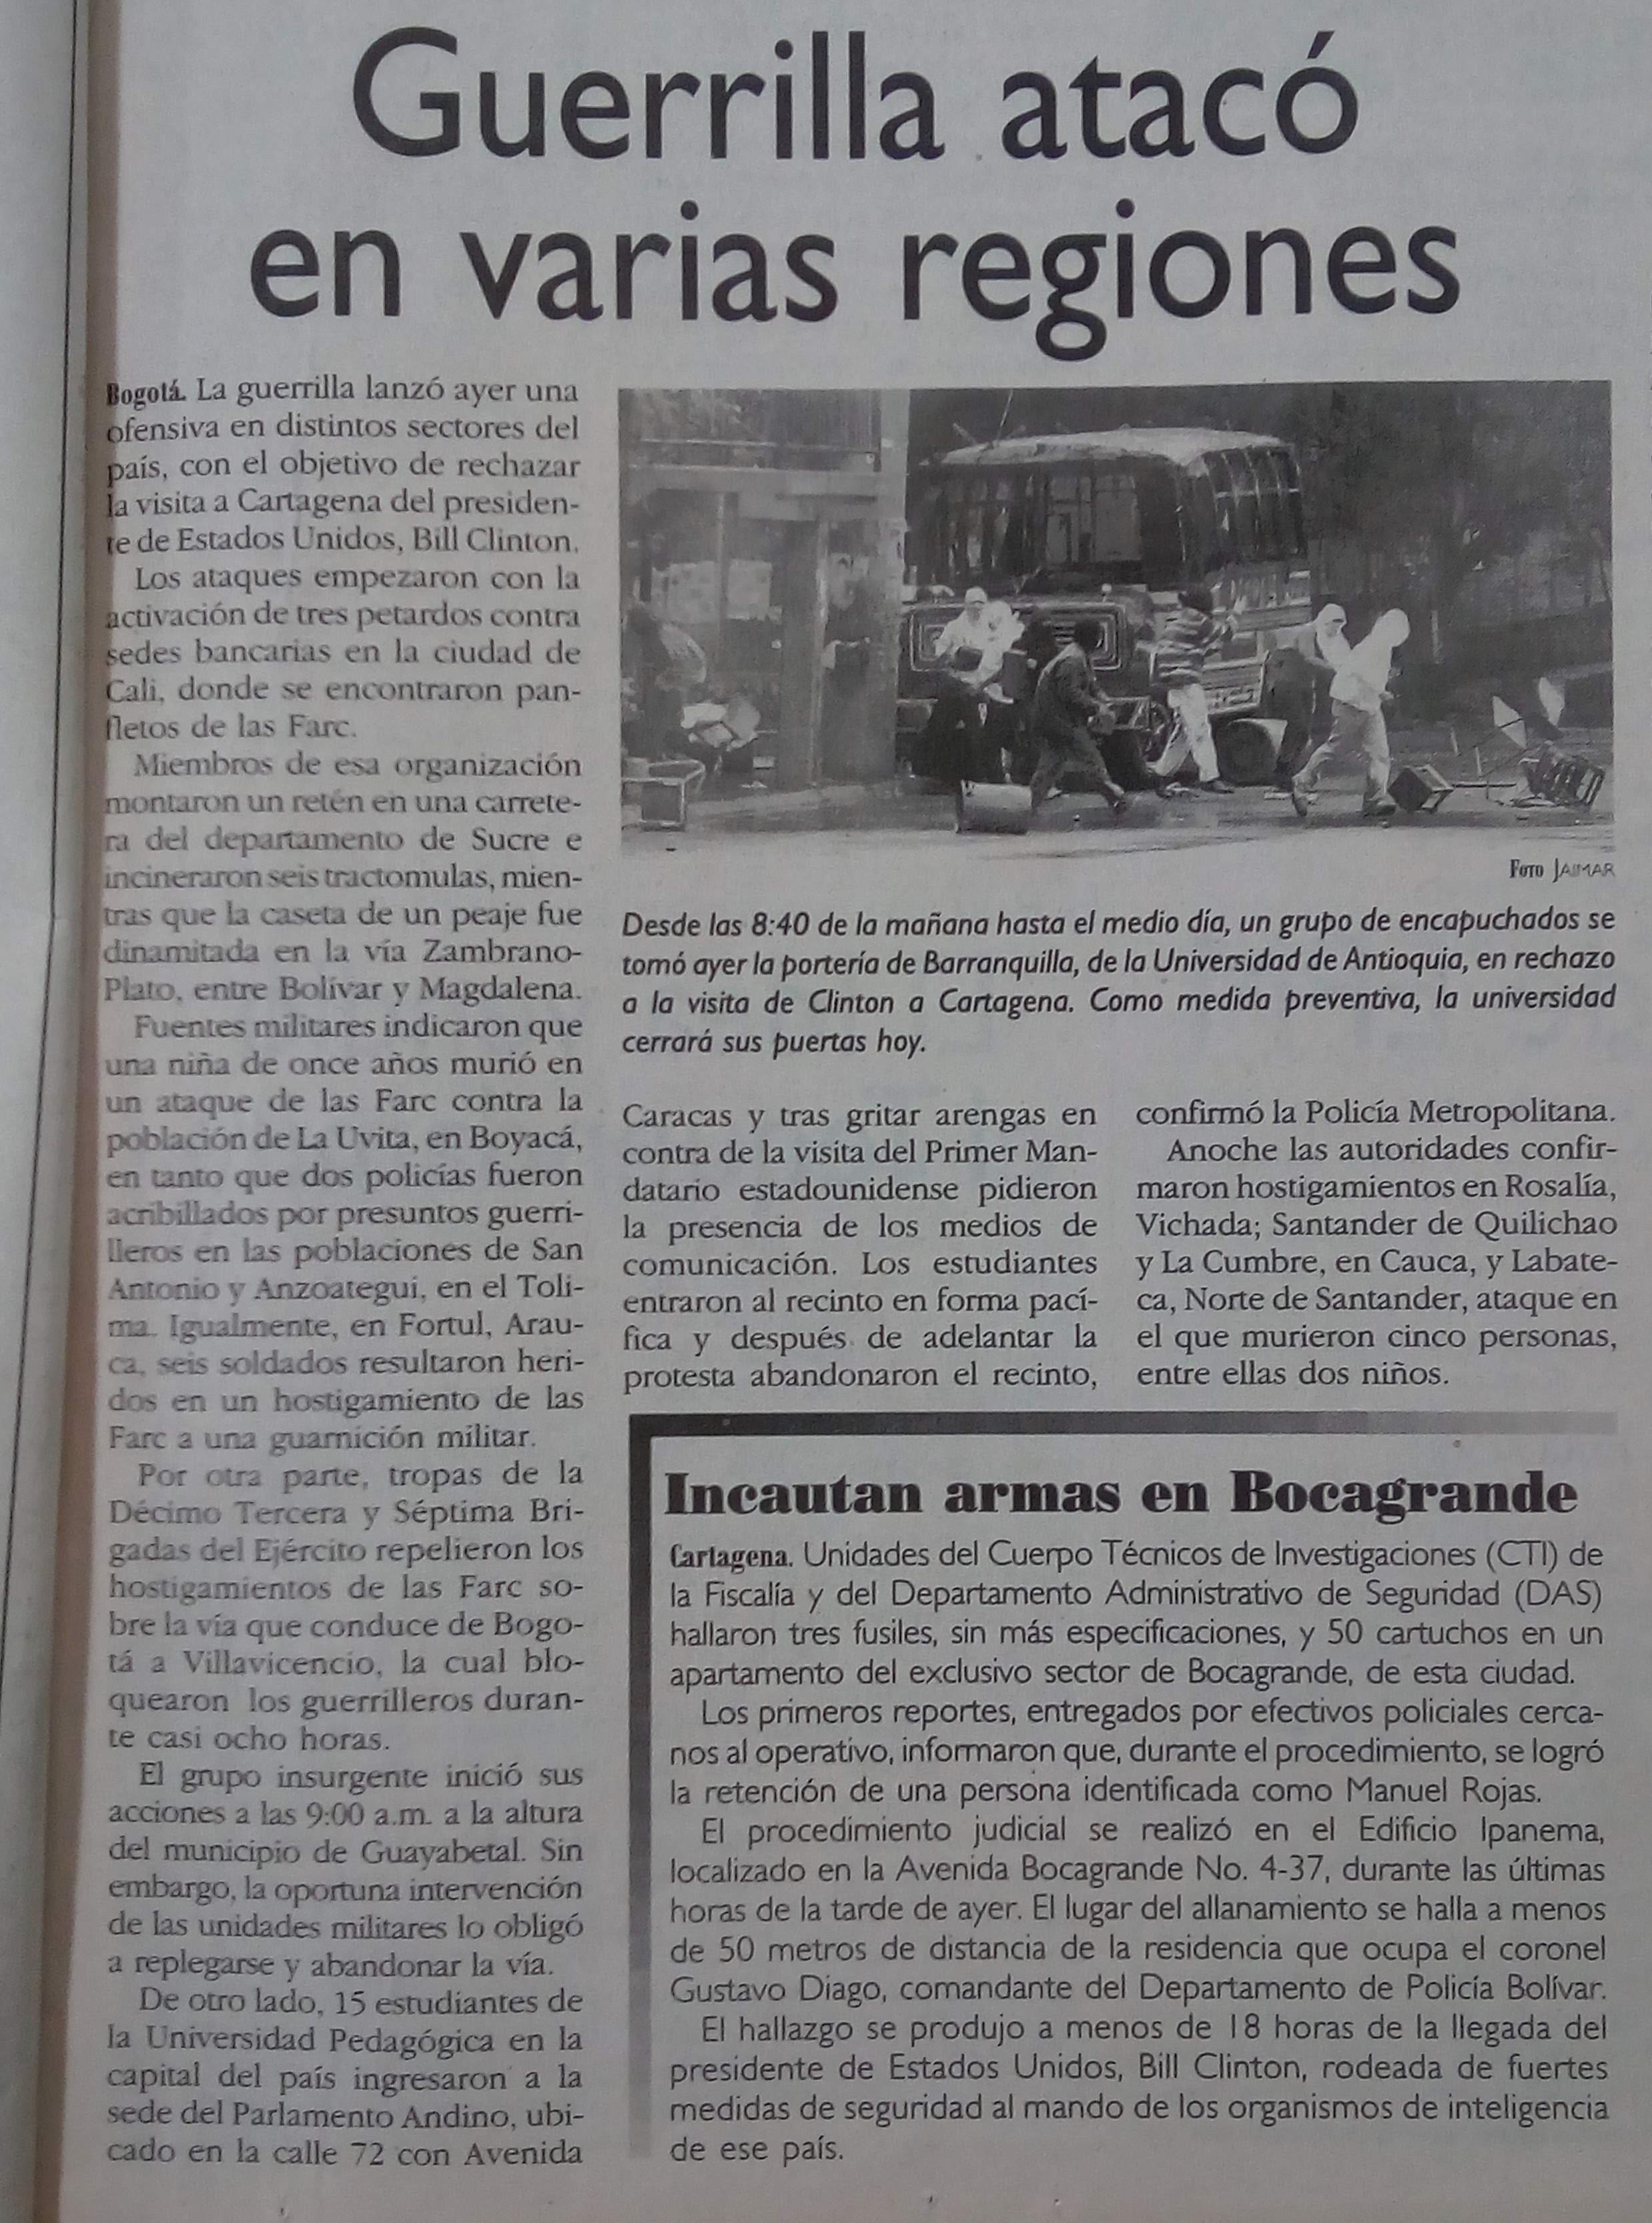 Fotografía tomada de la edición del 30 de agosto del 2000 del periódico El Colombiano.